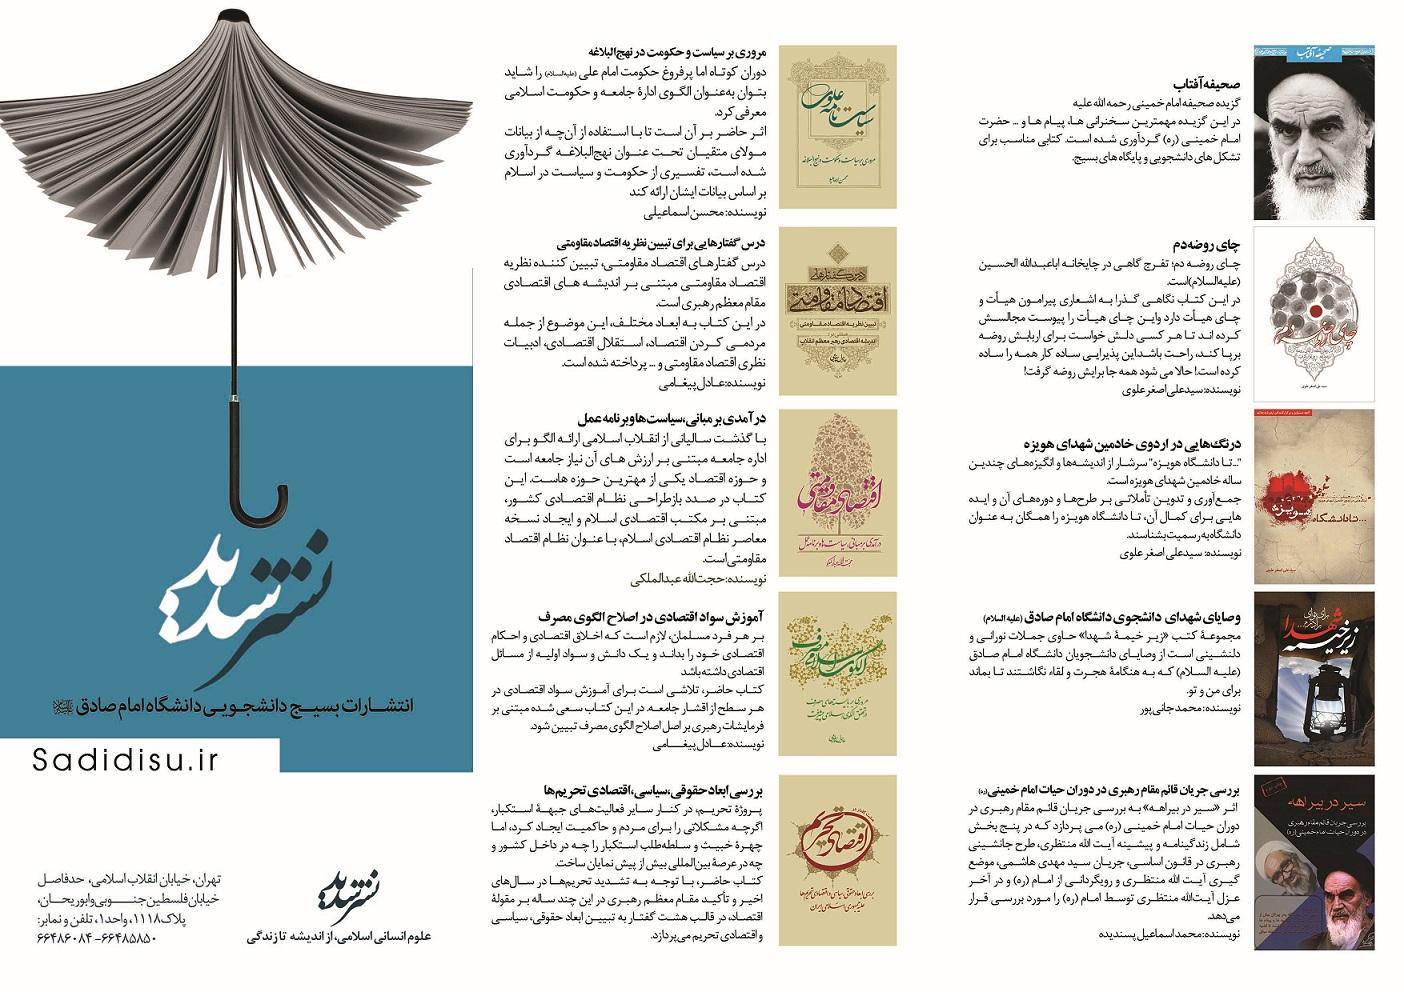 حضور اولین انتشارات بسیج دانشجویی کشور در نمایشگاه بین المللی کتاب تهران